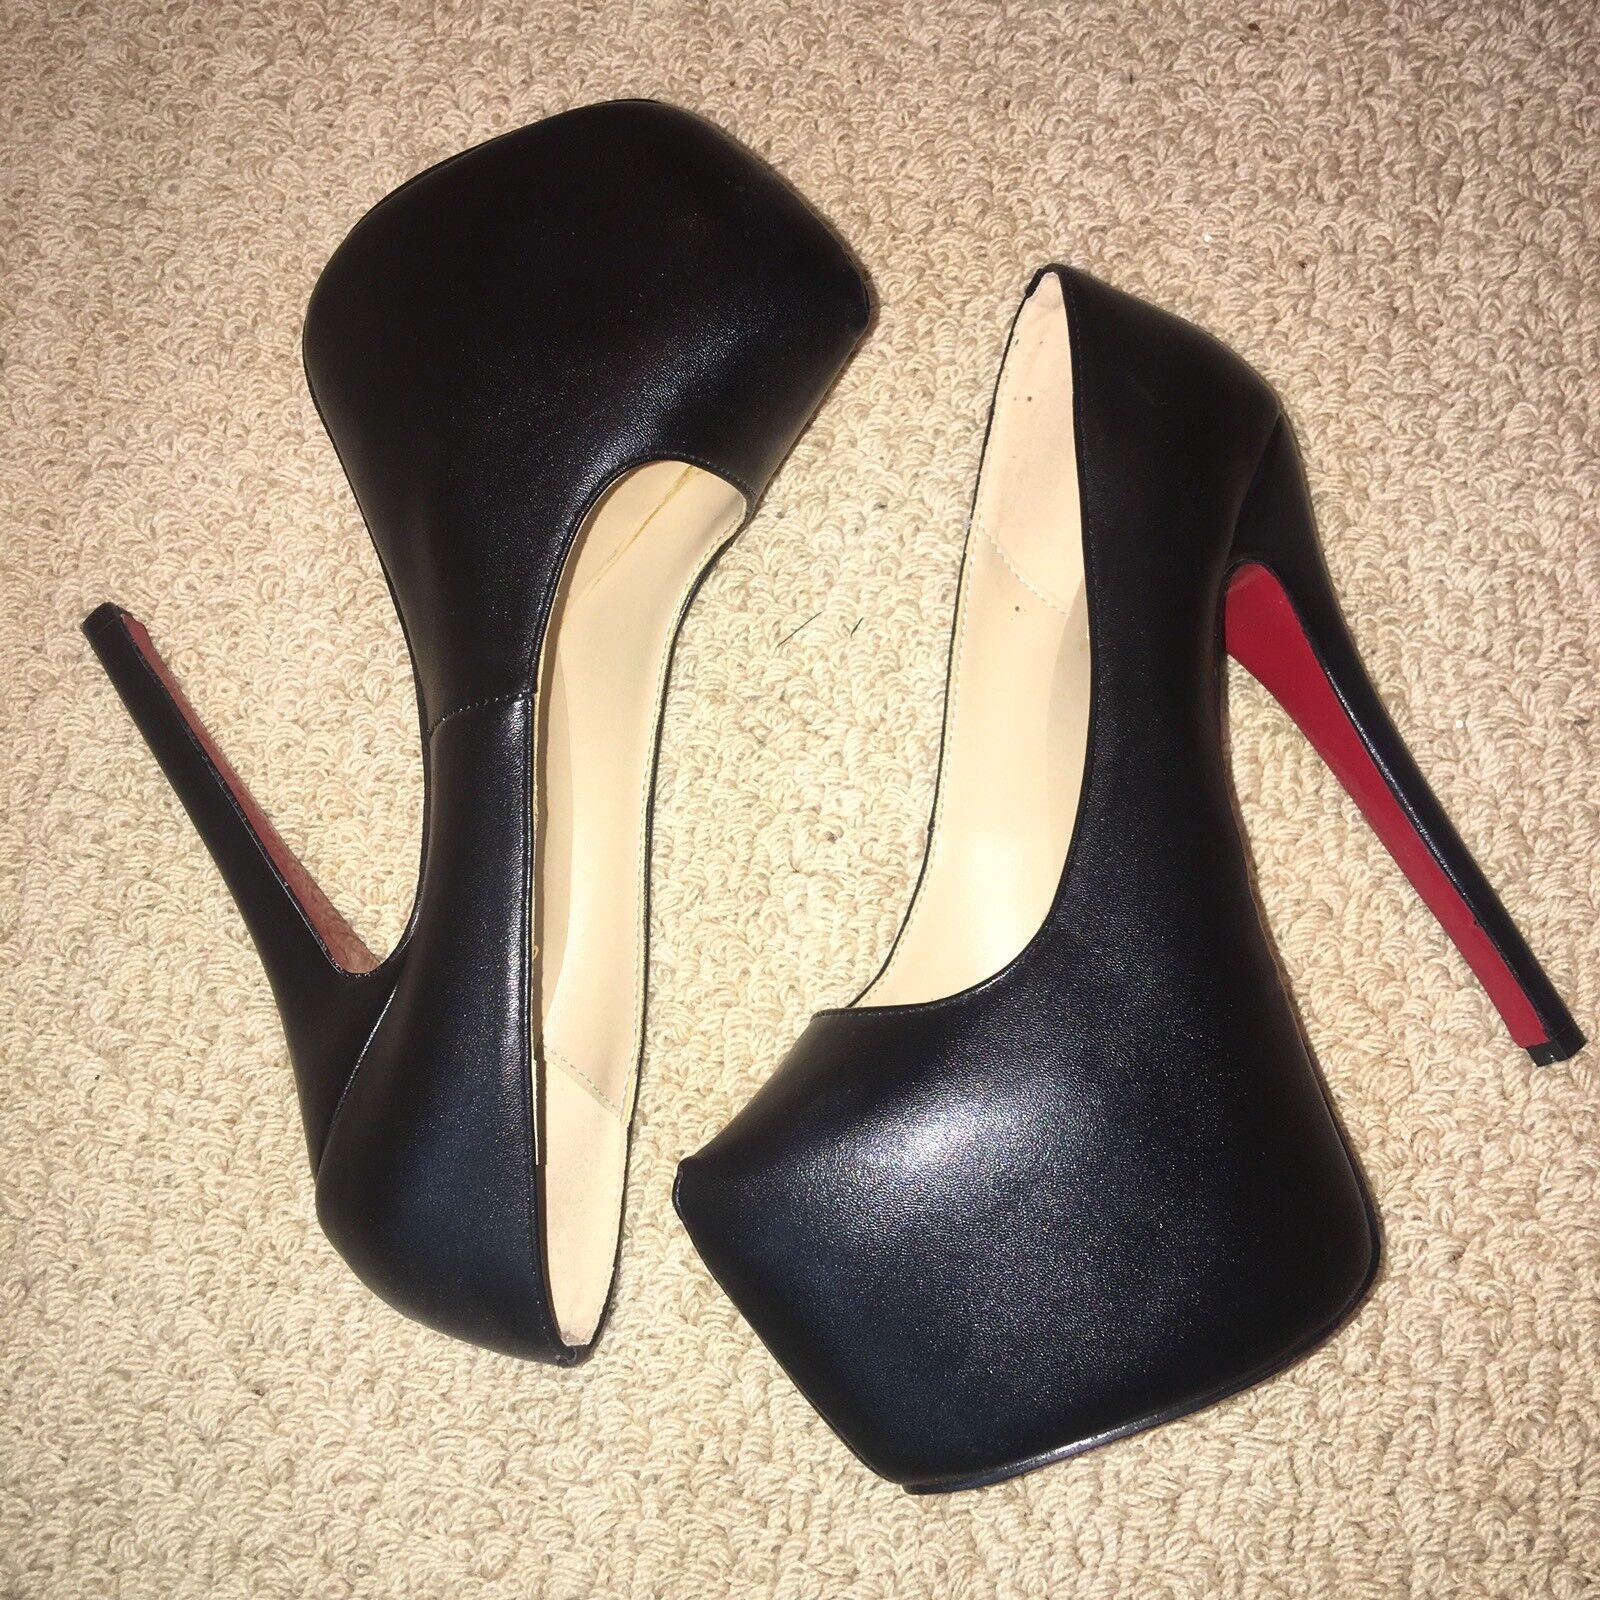 Dancer Stiletto Pumps Heels shoes Rtl  175-SZ EU 39 SZ 8-New